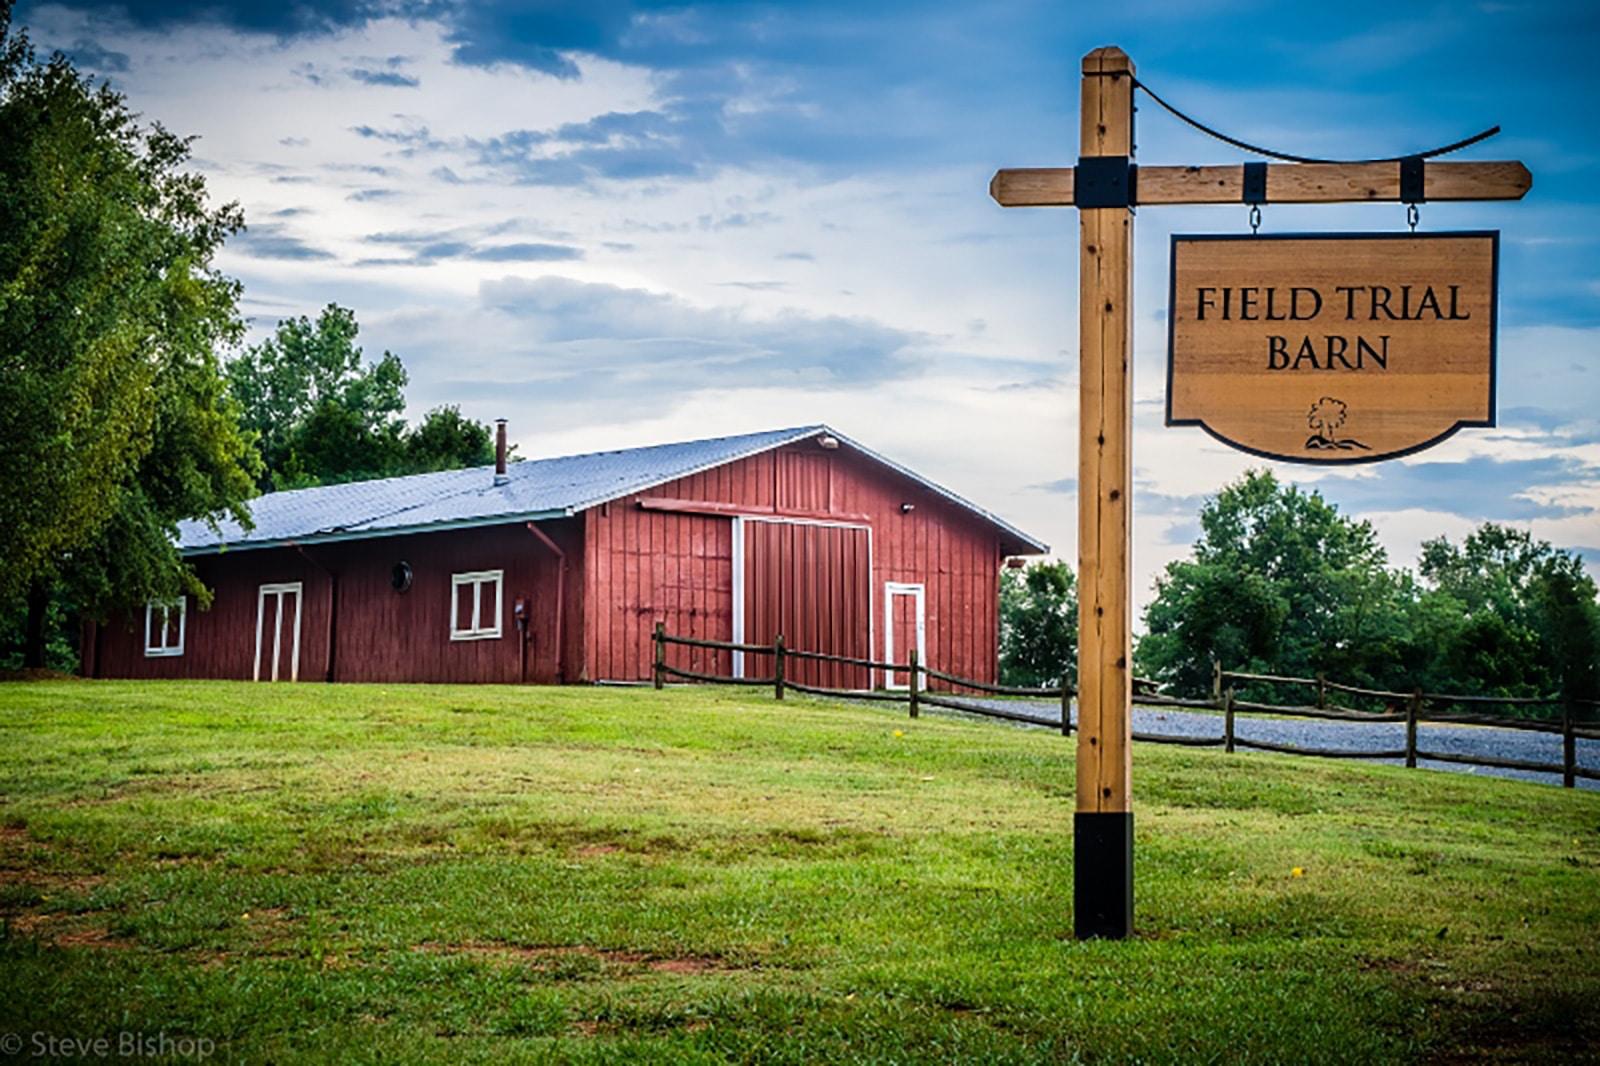 Field Trail Barn